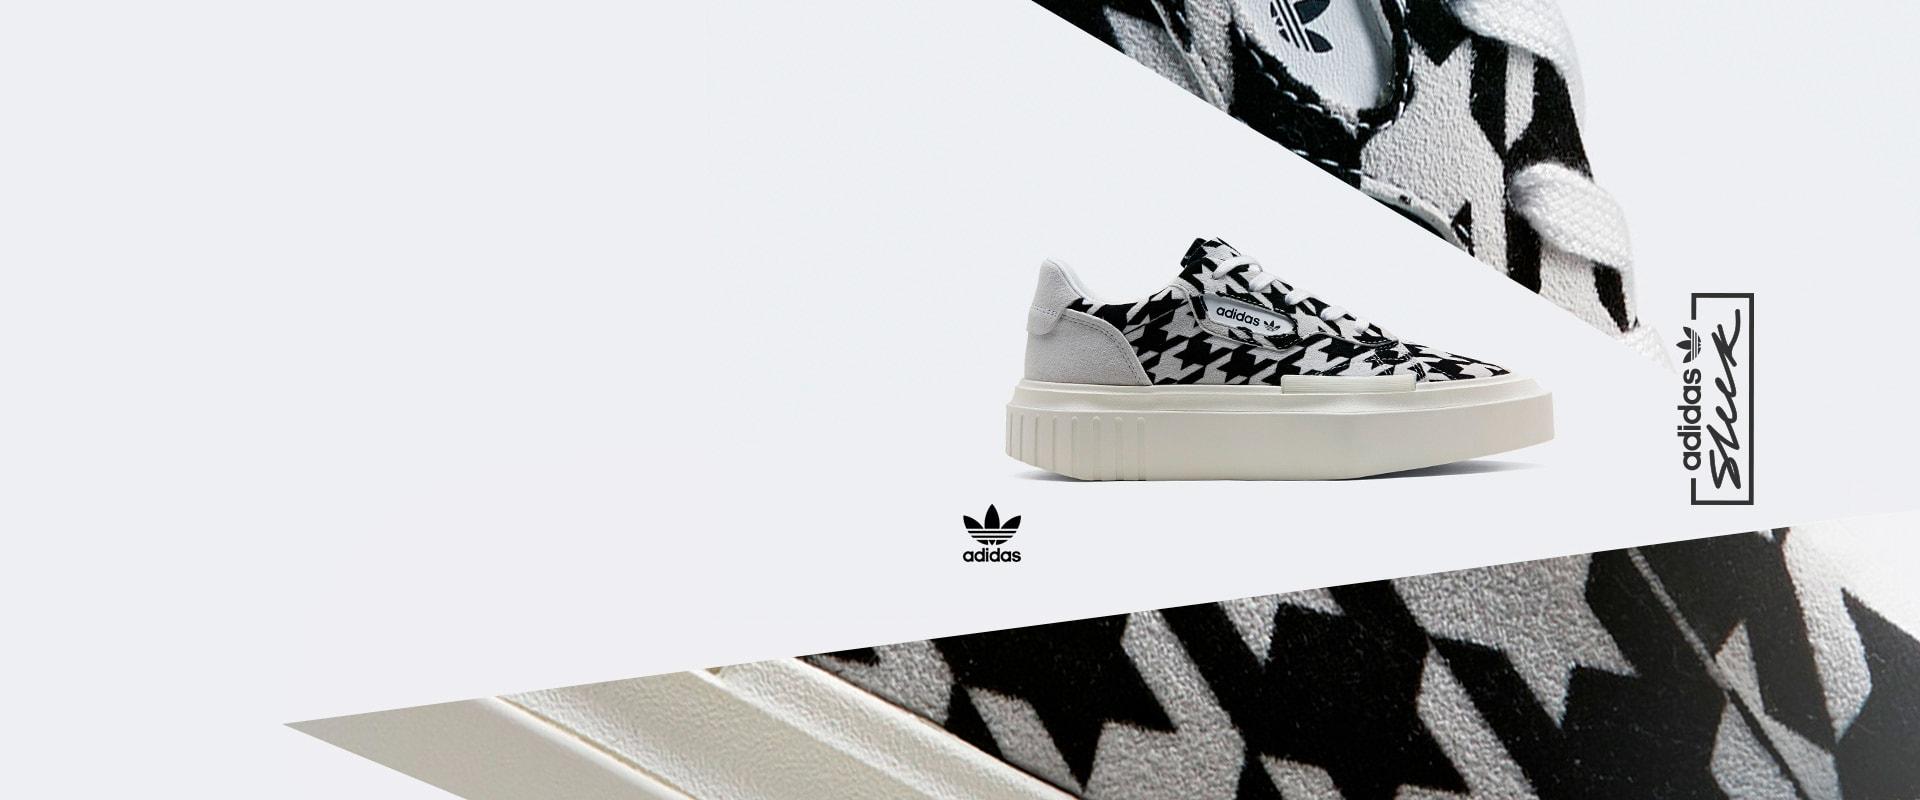 2b1aa0ec858 adidas Originals | adidas Officiële Shop